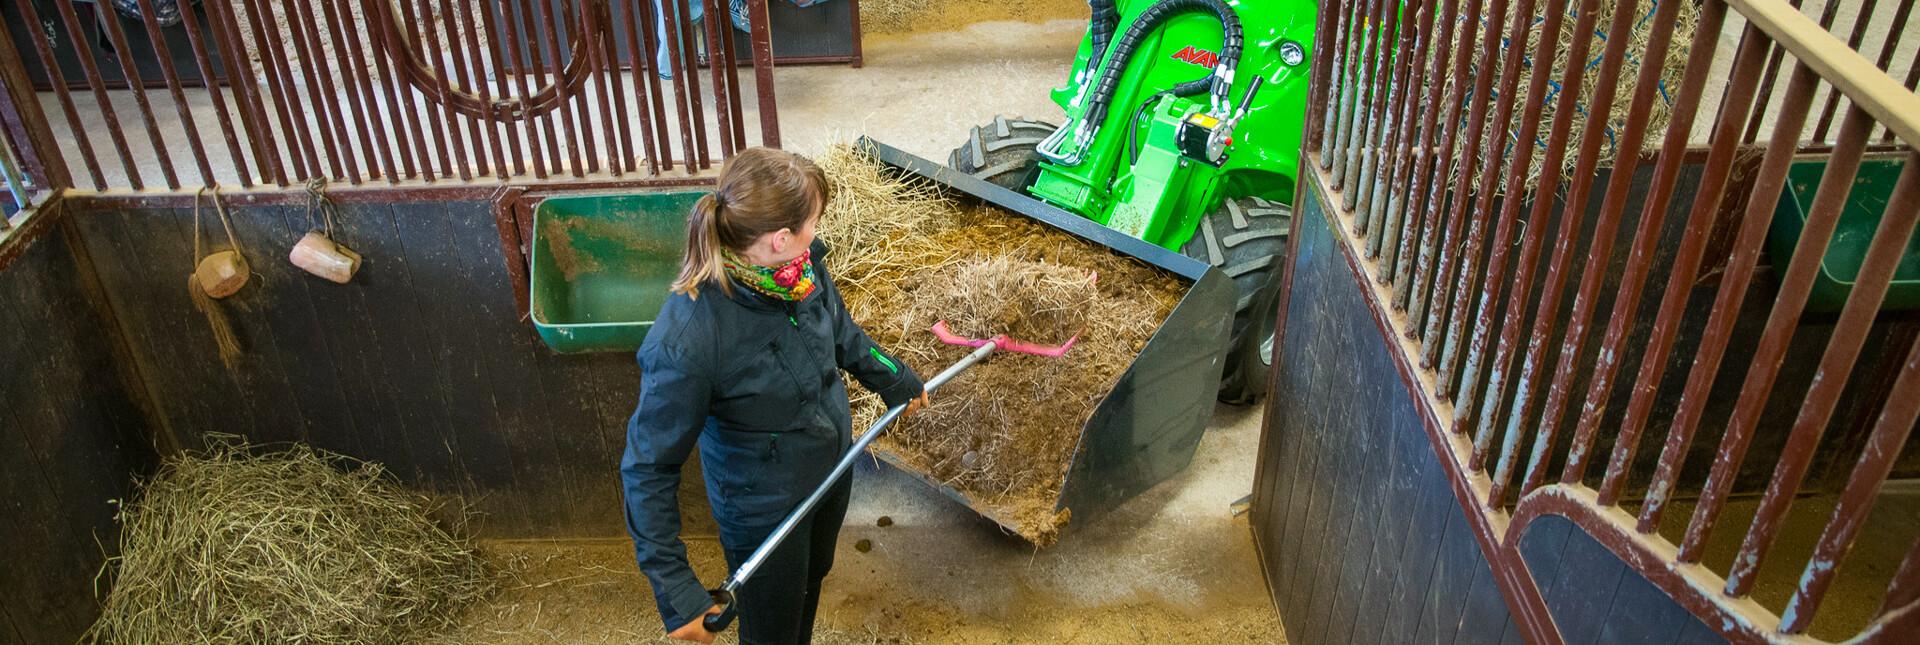 Arbejdsbillede af skovl volume XL monteret på en avant minilæsser til trransport af store mængder løst materiale